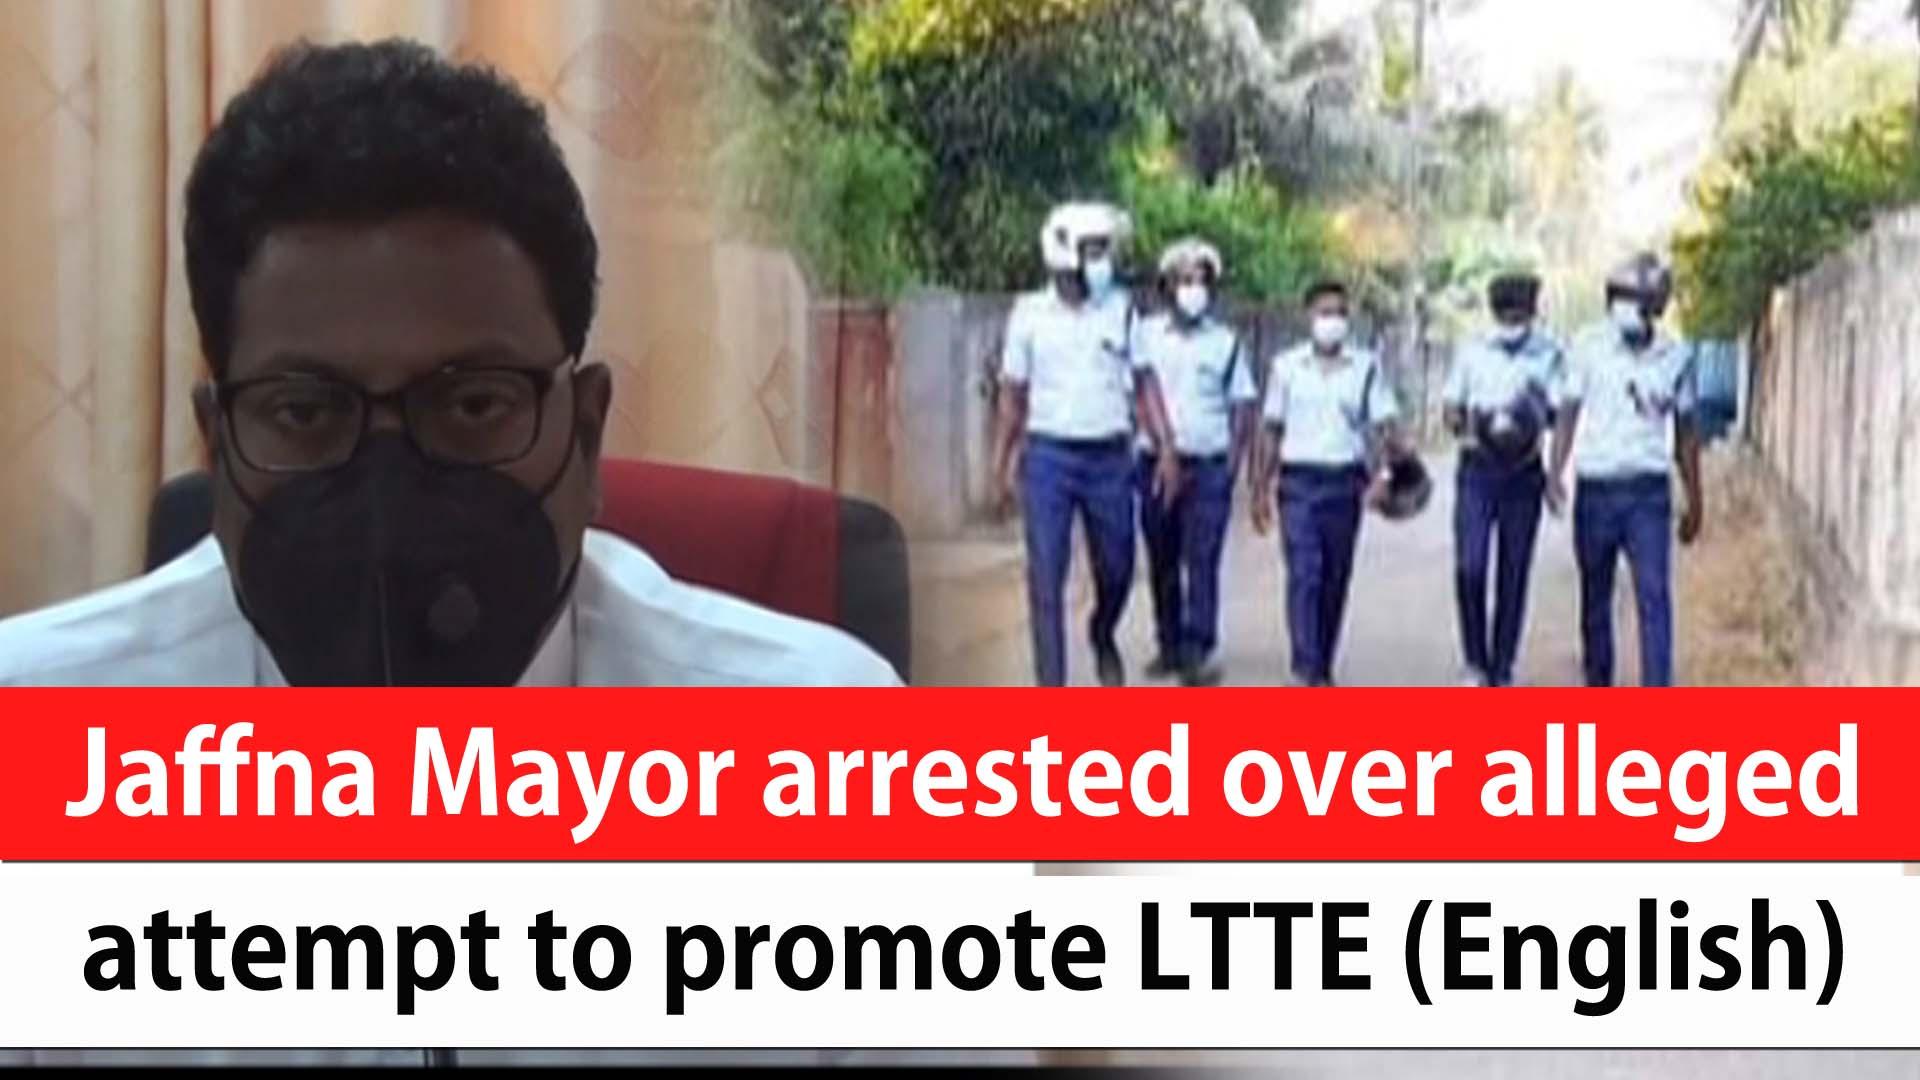 Jaffna Mayor arrested over alleged attempt to promote LTTE (English)